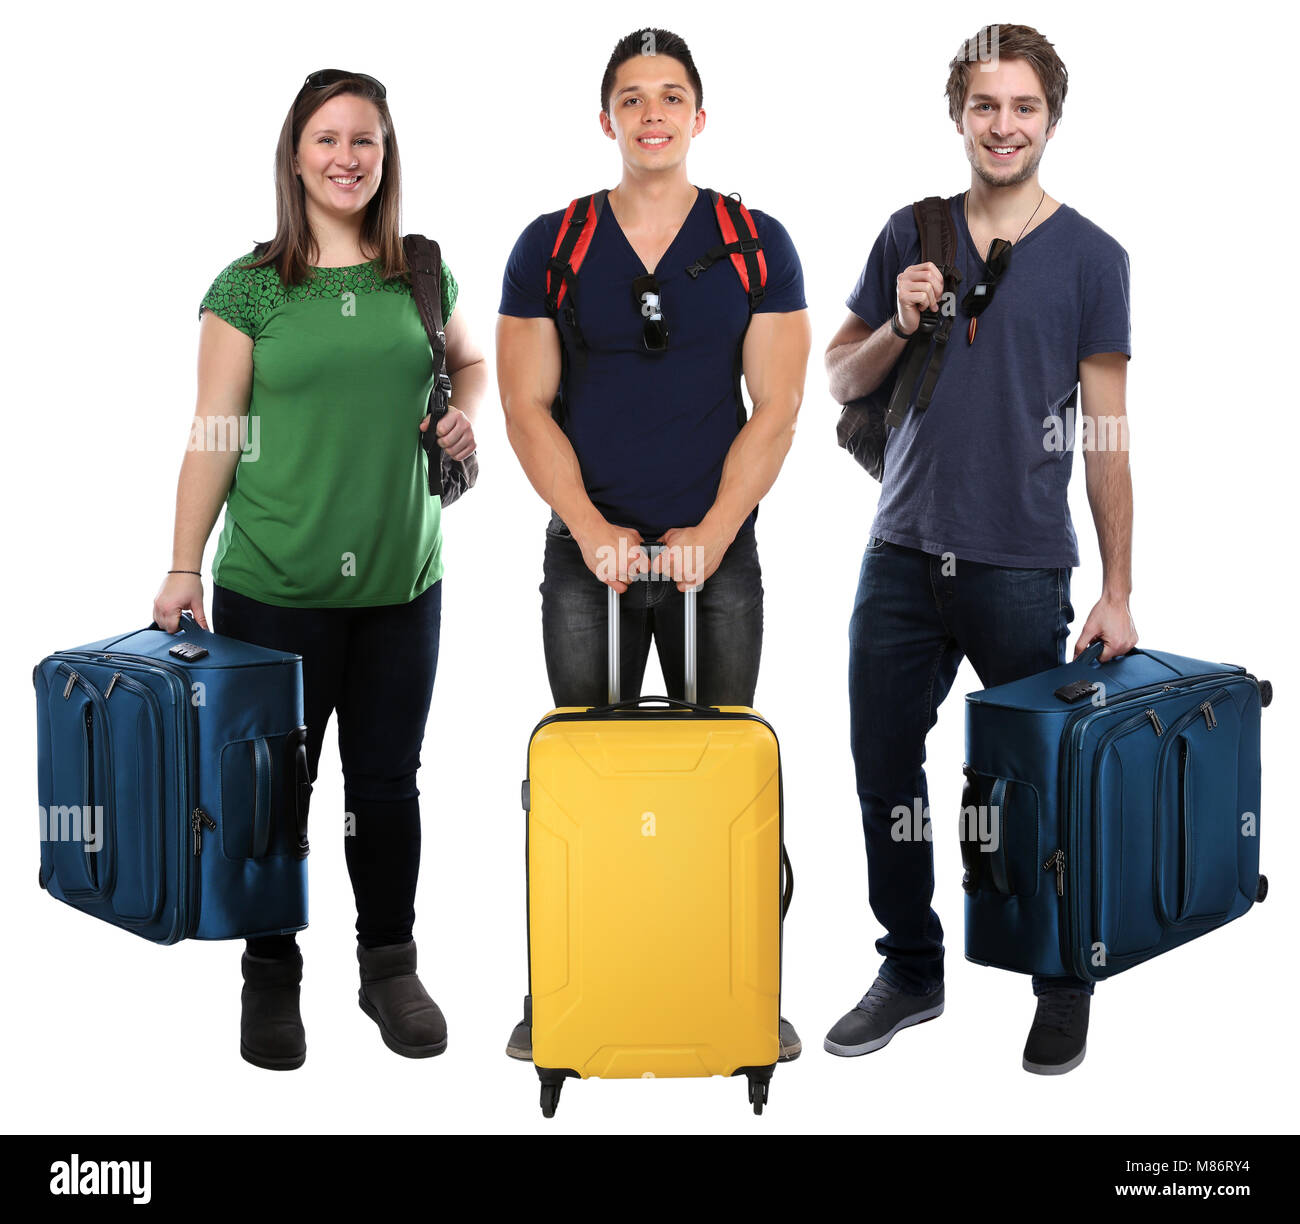 Un gruppo di giovani vacanza vacanze borsa bagagli Viaggiare viaggiare isolati su sfondo bianco Immagini Stock